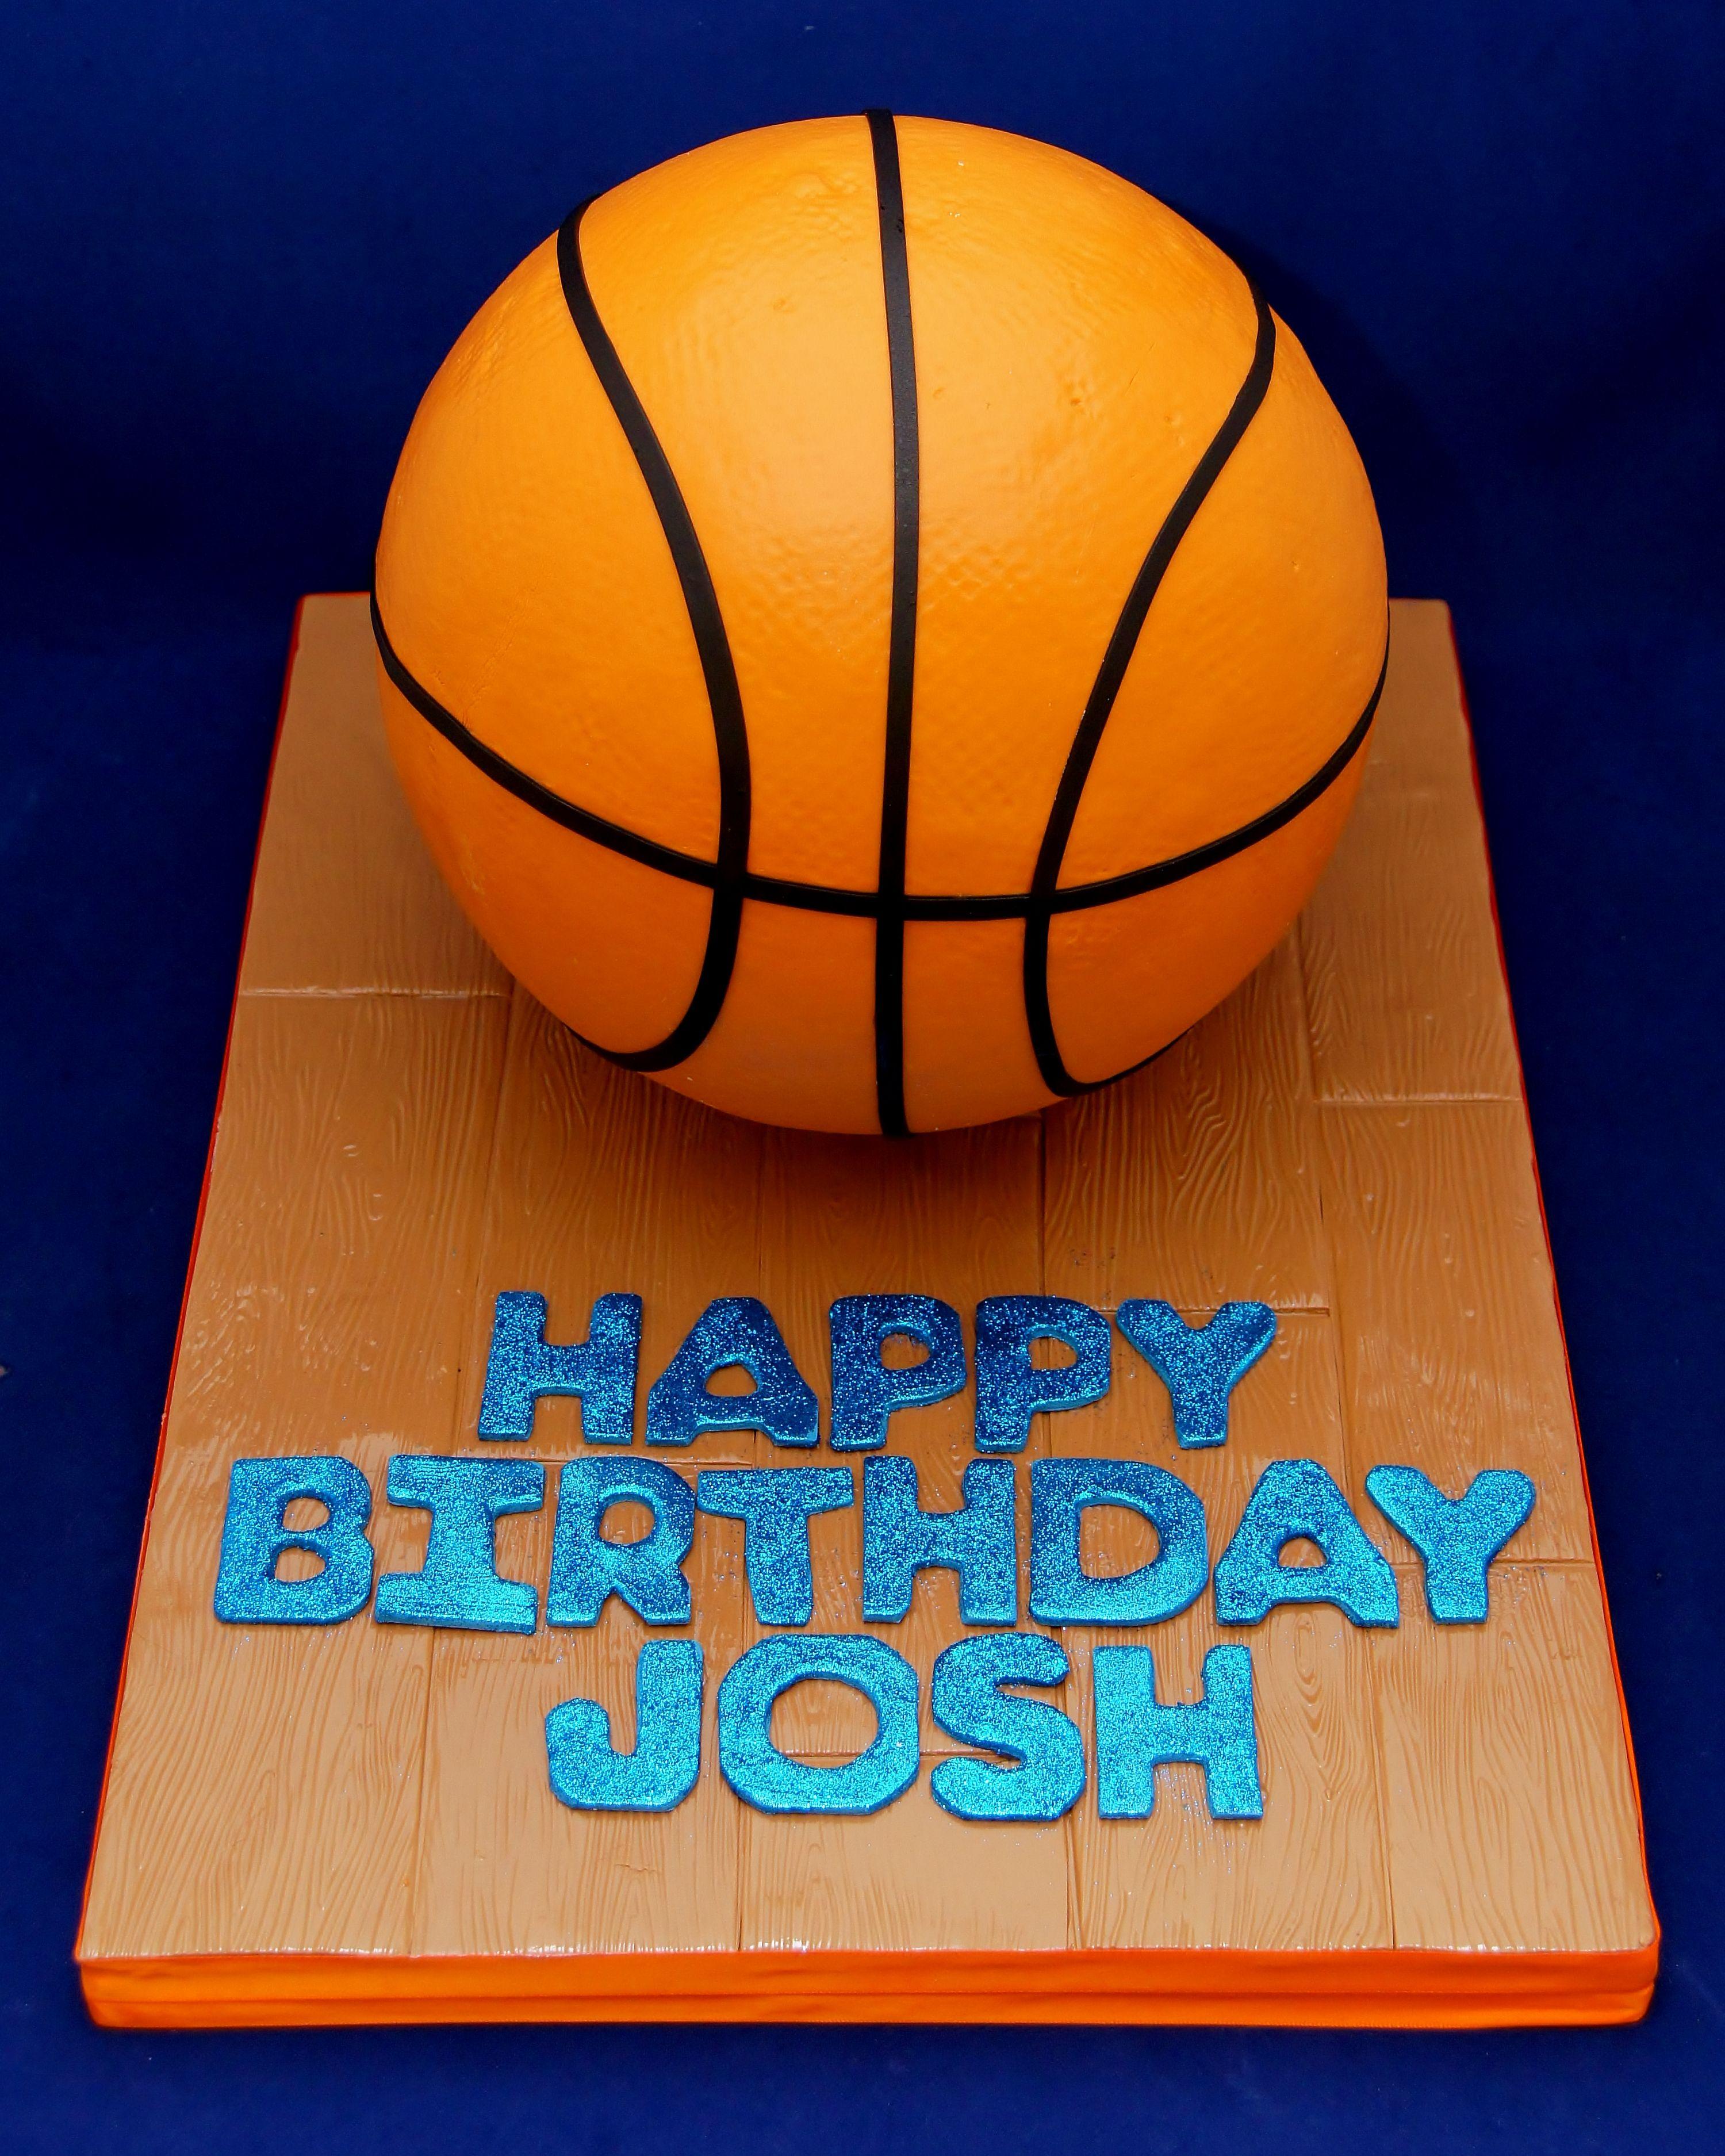 BEST Ball 3D Cake Tin Basketball Baseball Soccer Football Tossing Around Th GIFT